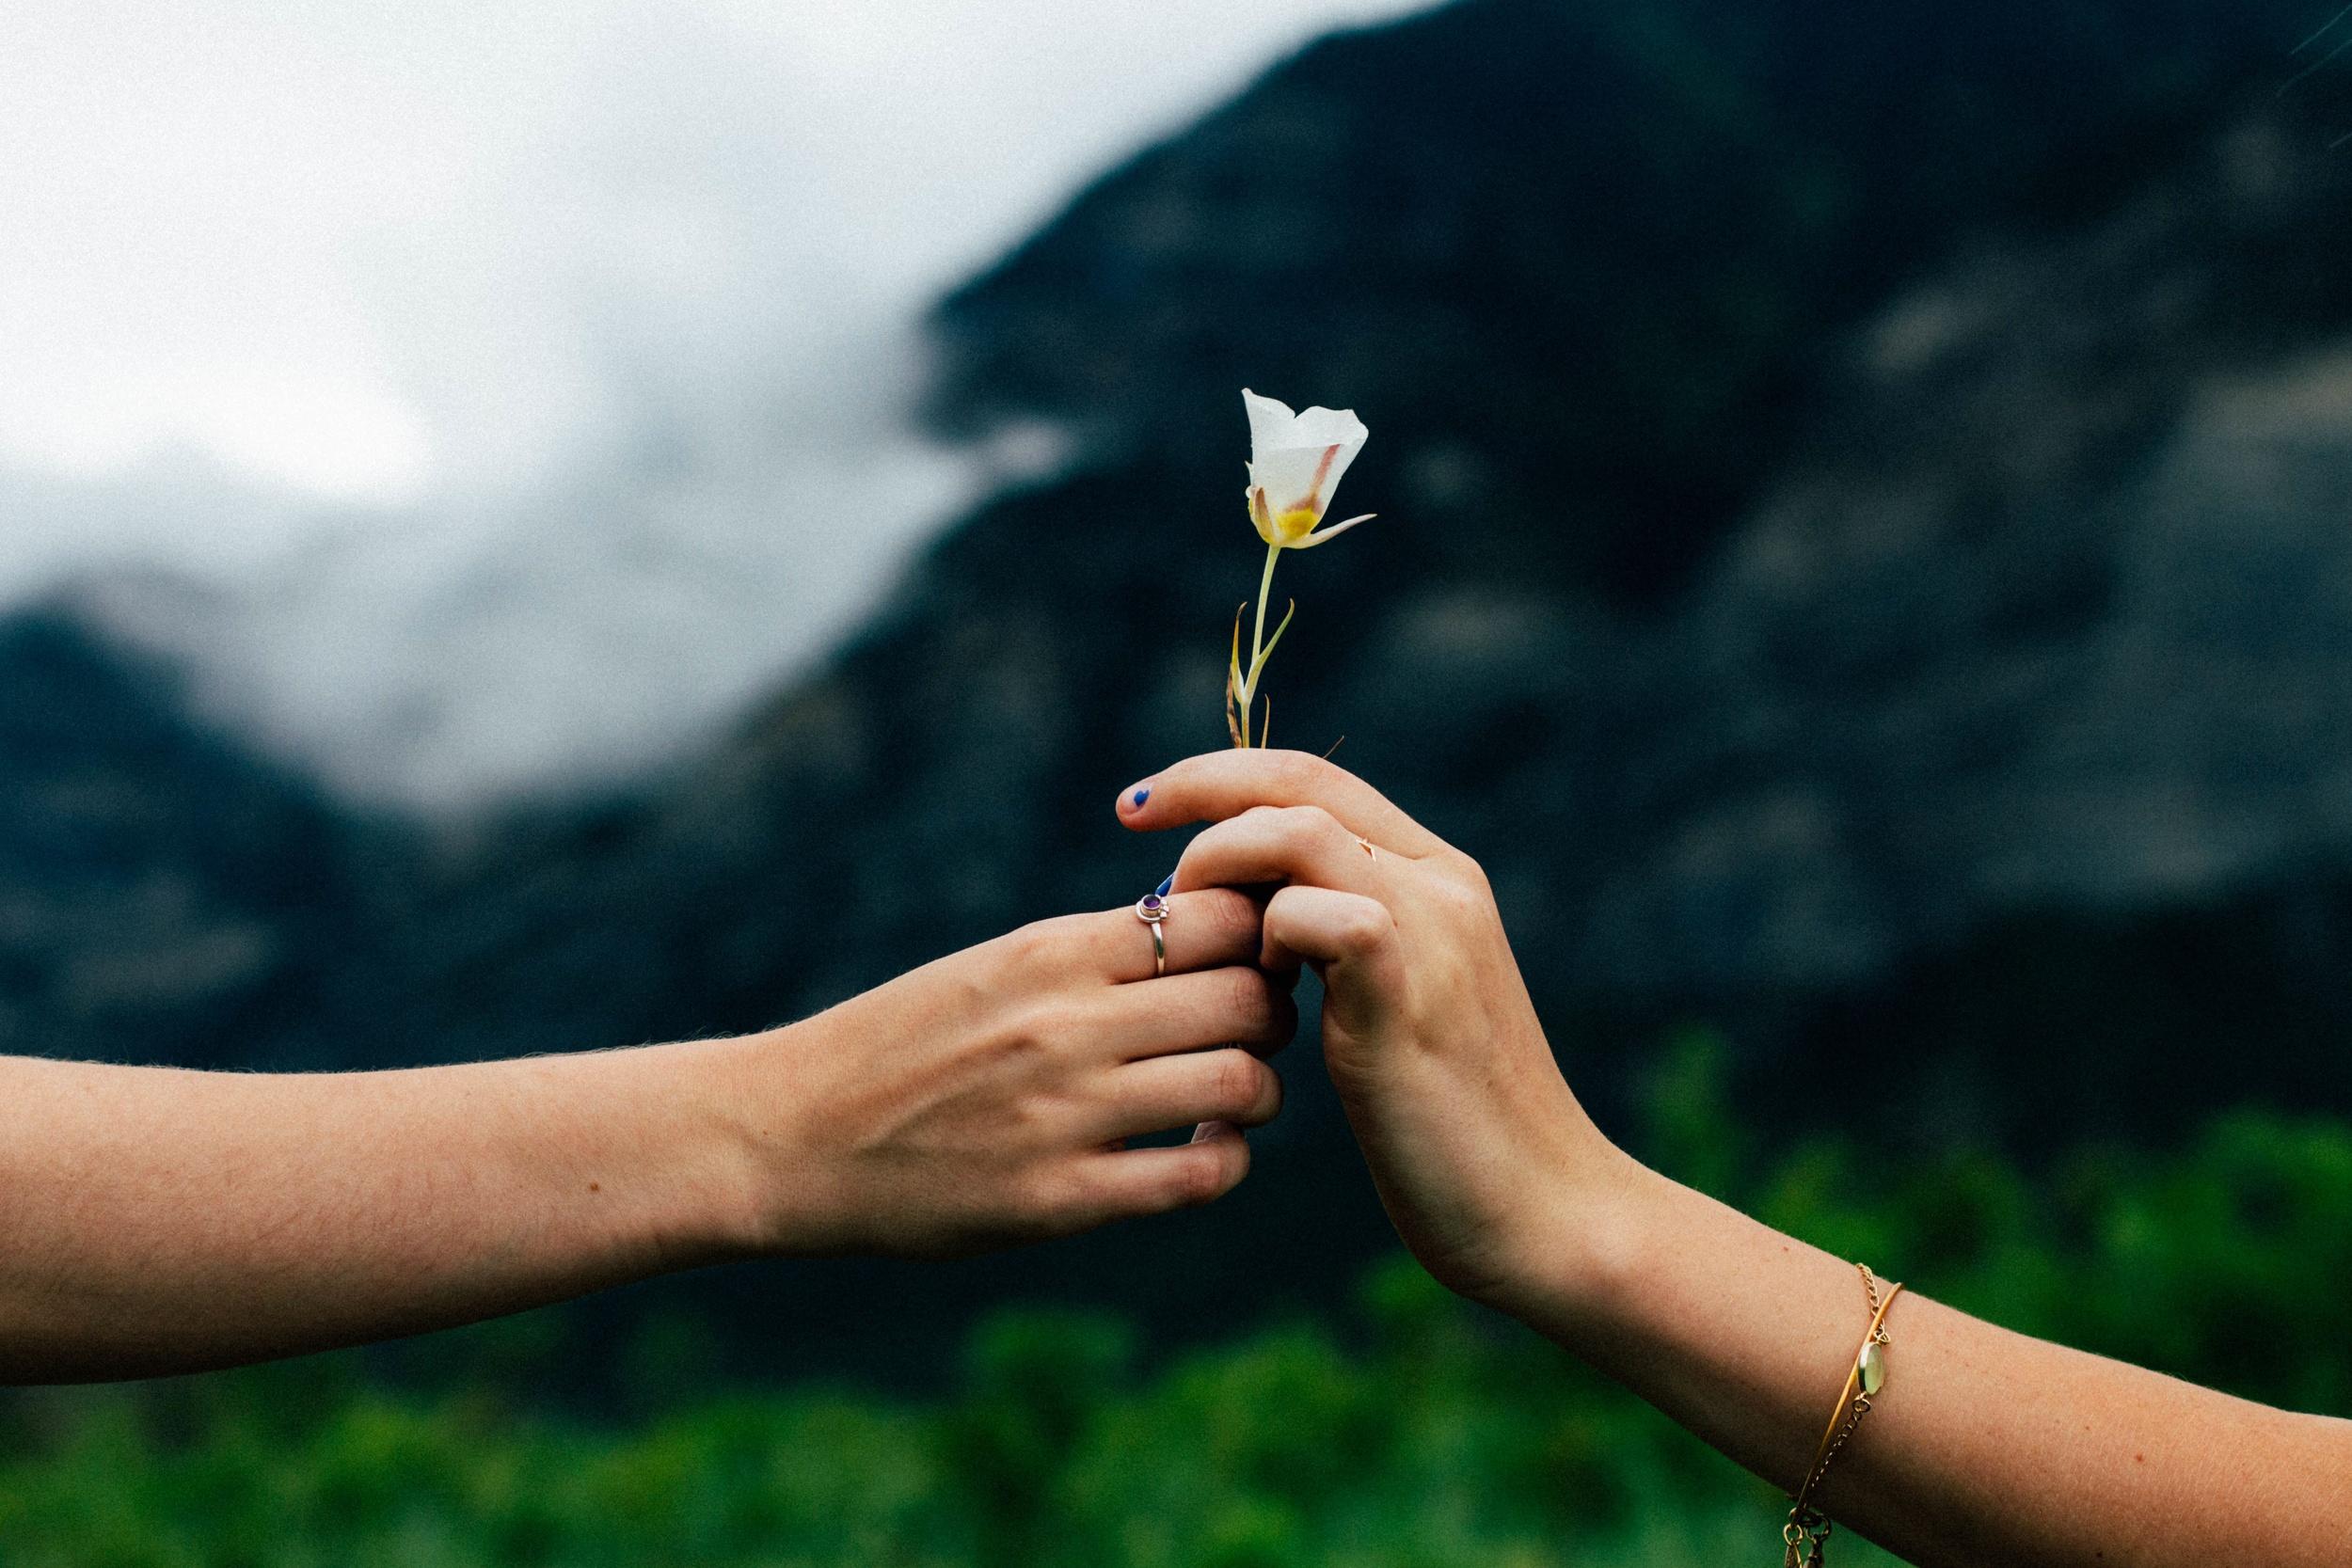 millennial love flower hands couples